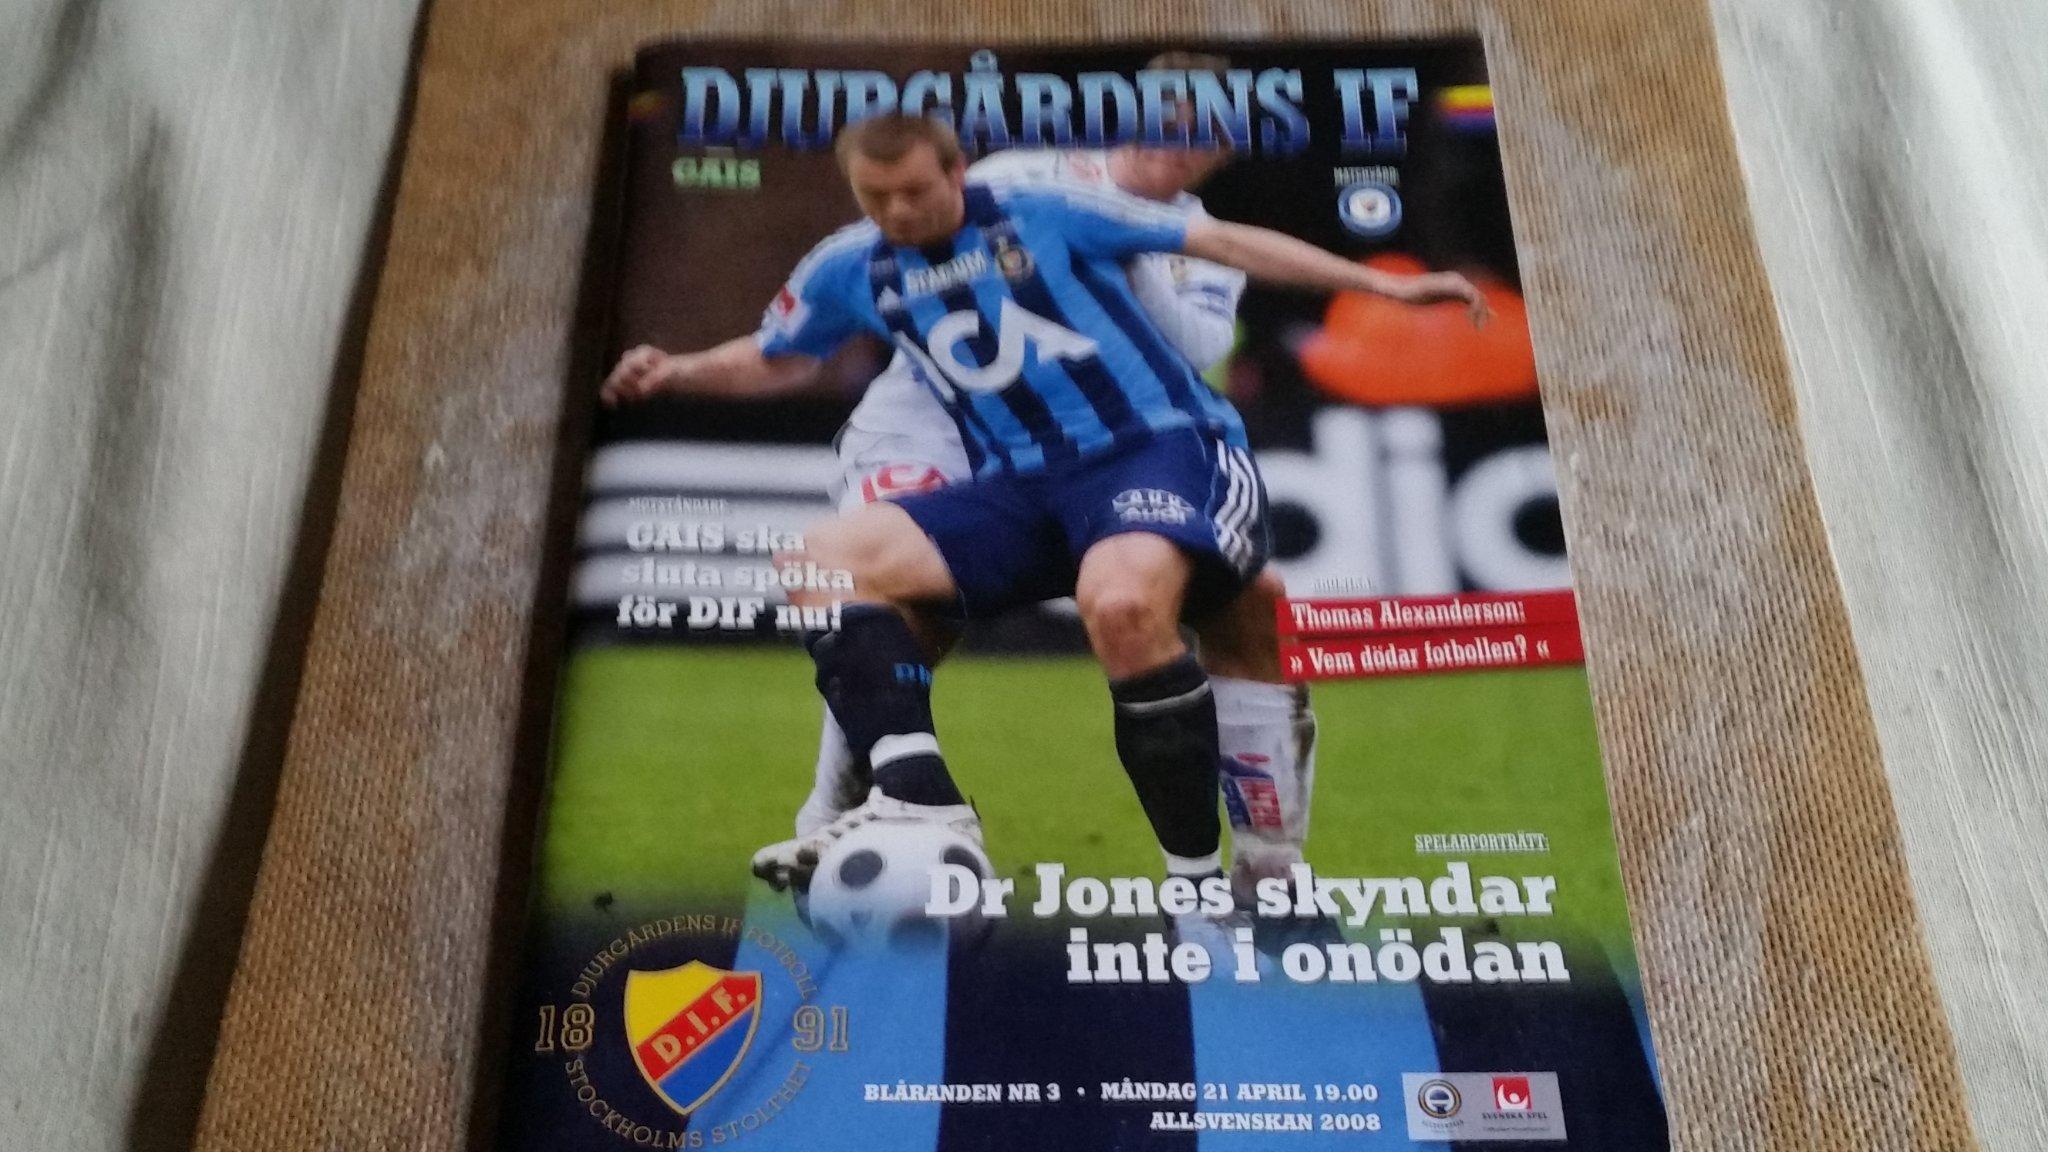 Program Fotboll Djurgarden If Gais 2008 352894202 ᐈ Kop